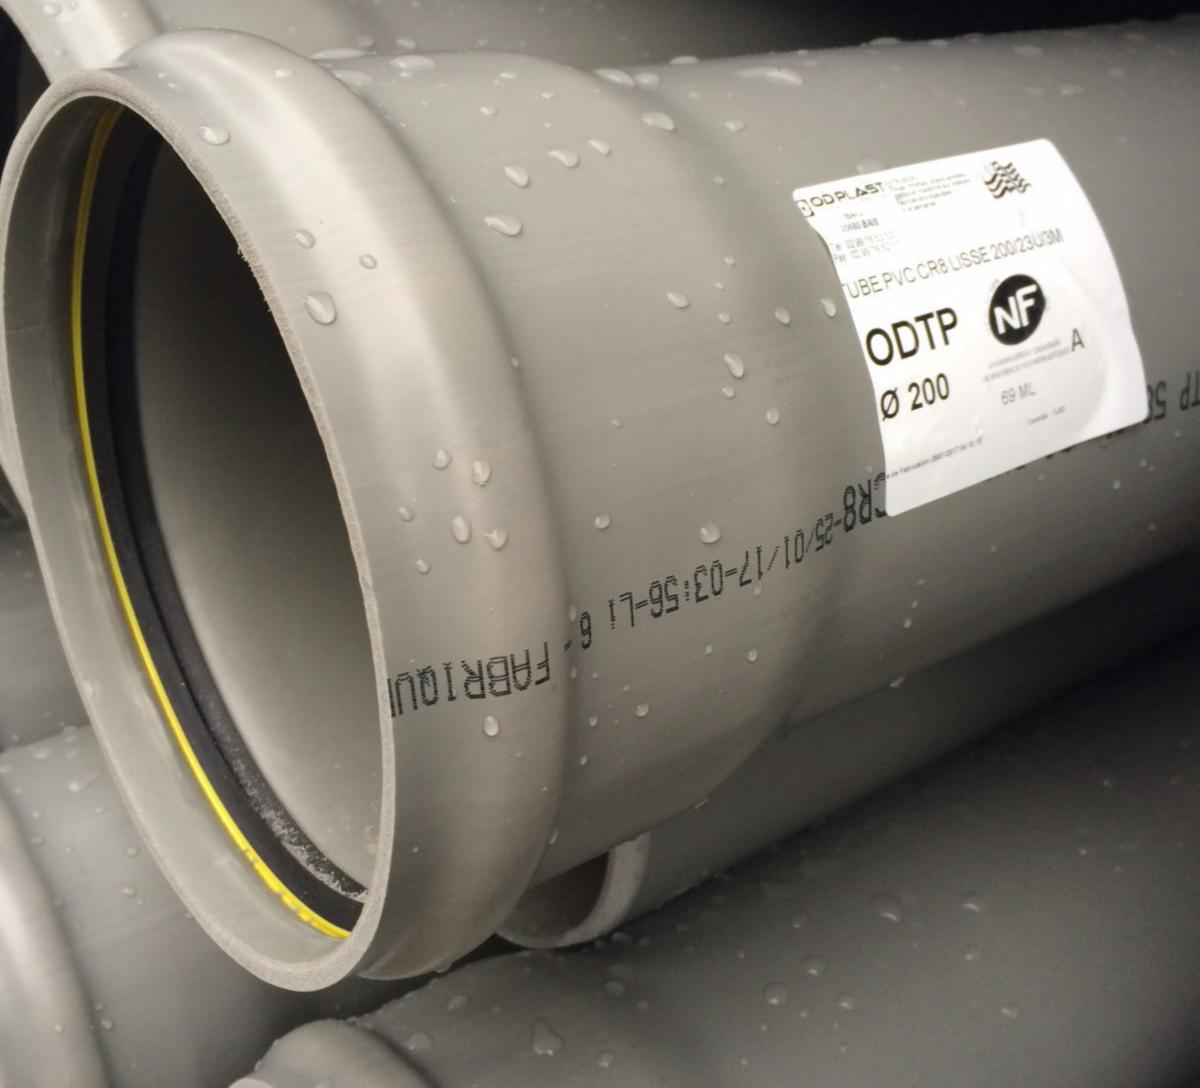 Carrelage Point P Salle De Bain Frais Photos Tube Pvc Cr8 L Lisse Diam¨tre 200 Avec Joint Longueur 3m Od Plast